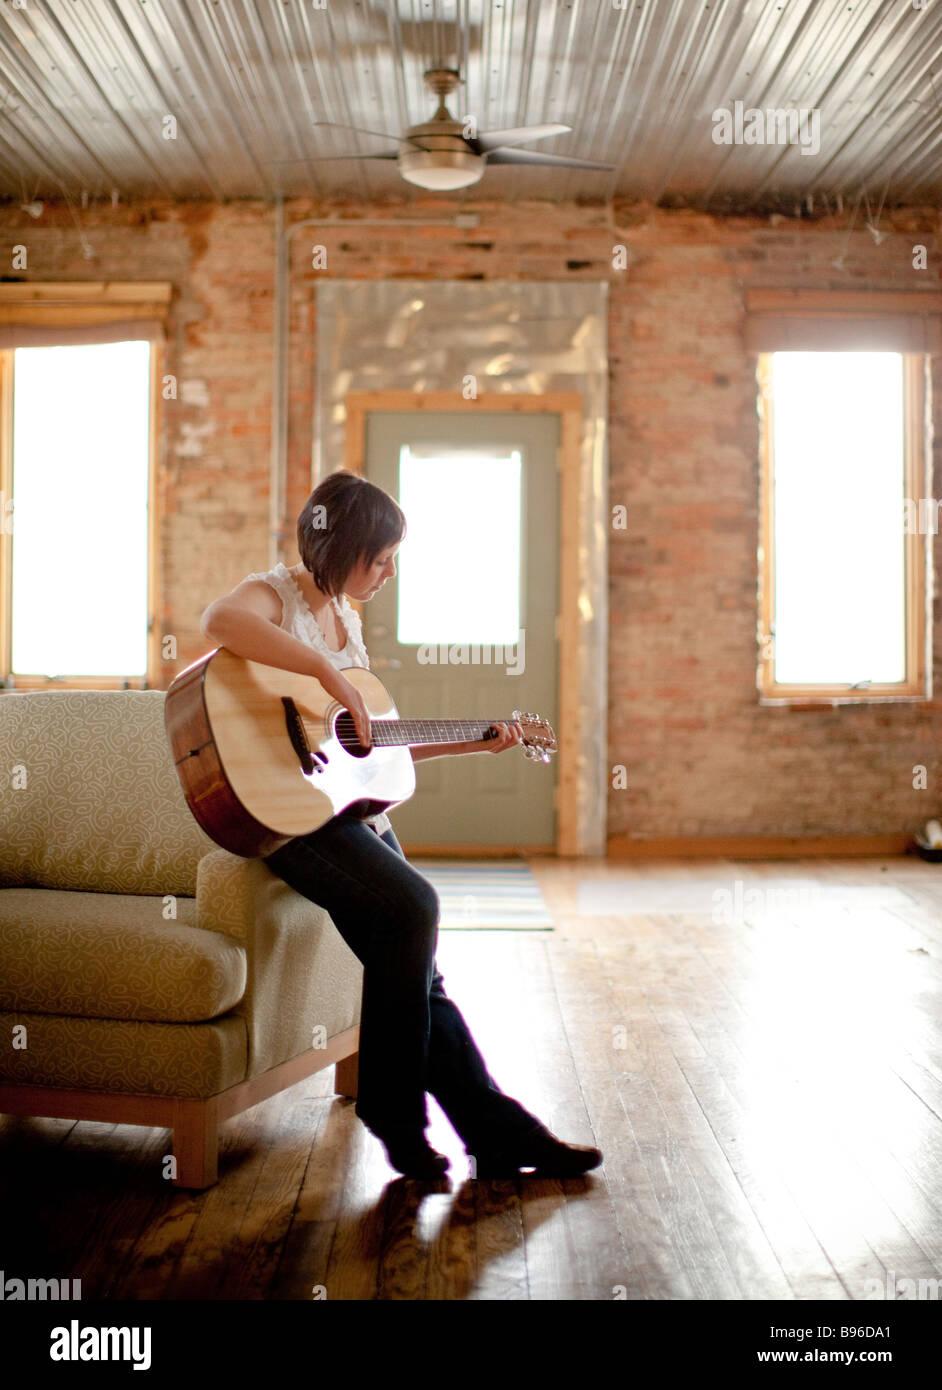 Junge Frau spielt Gitarre im urbanen Raum Stockbild